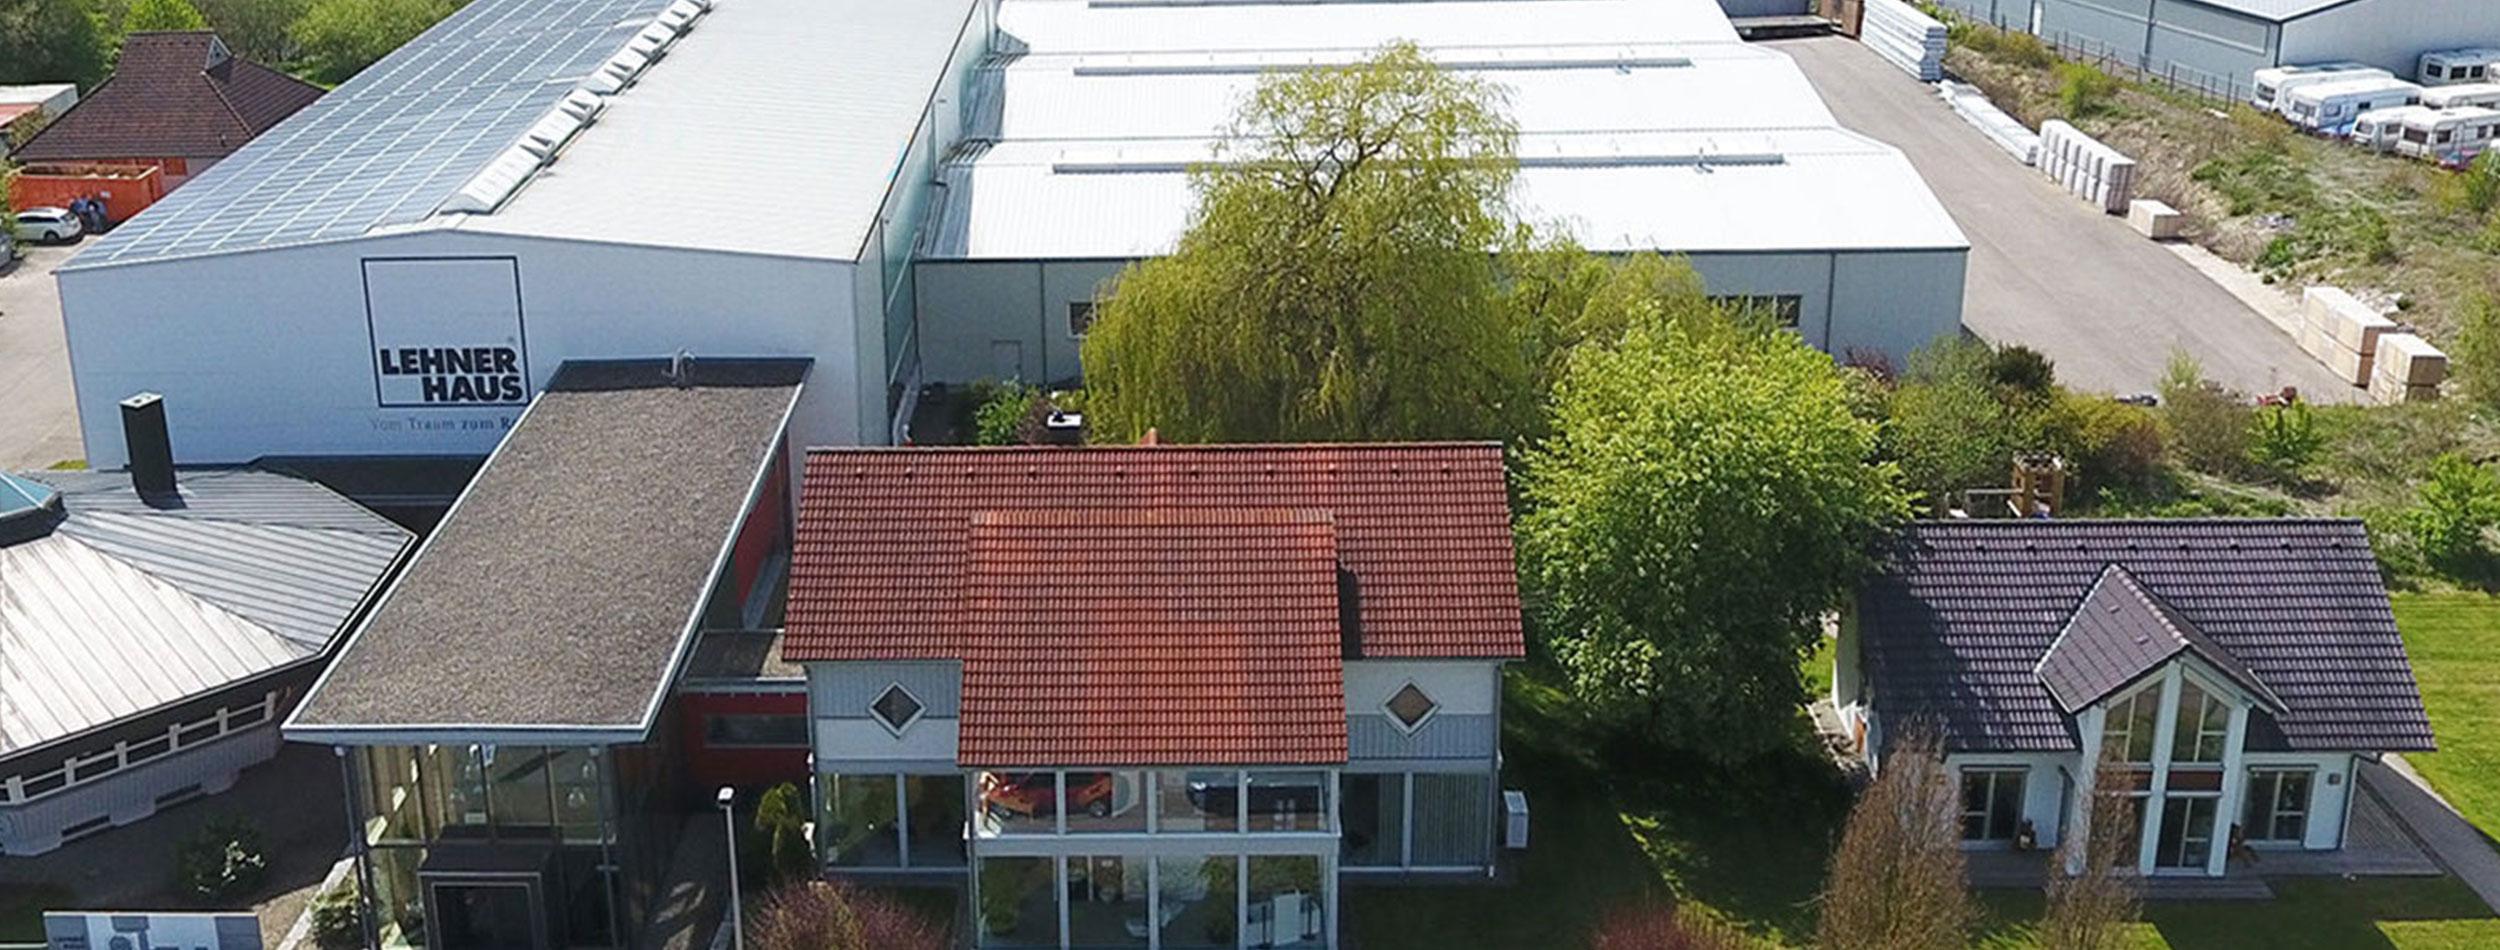 Lehner Haus GmbH von oben